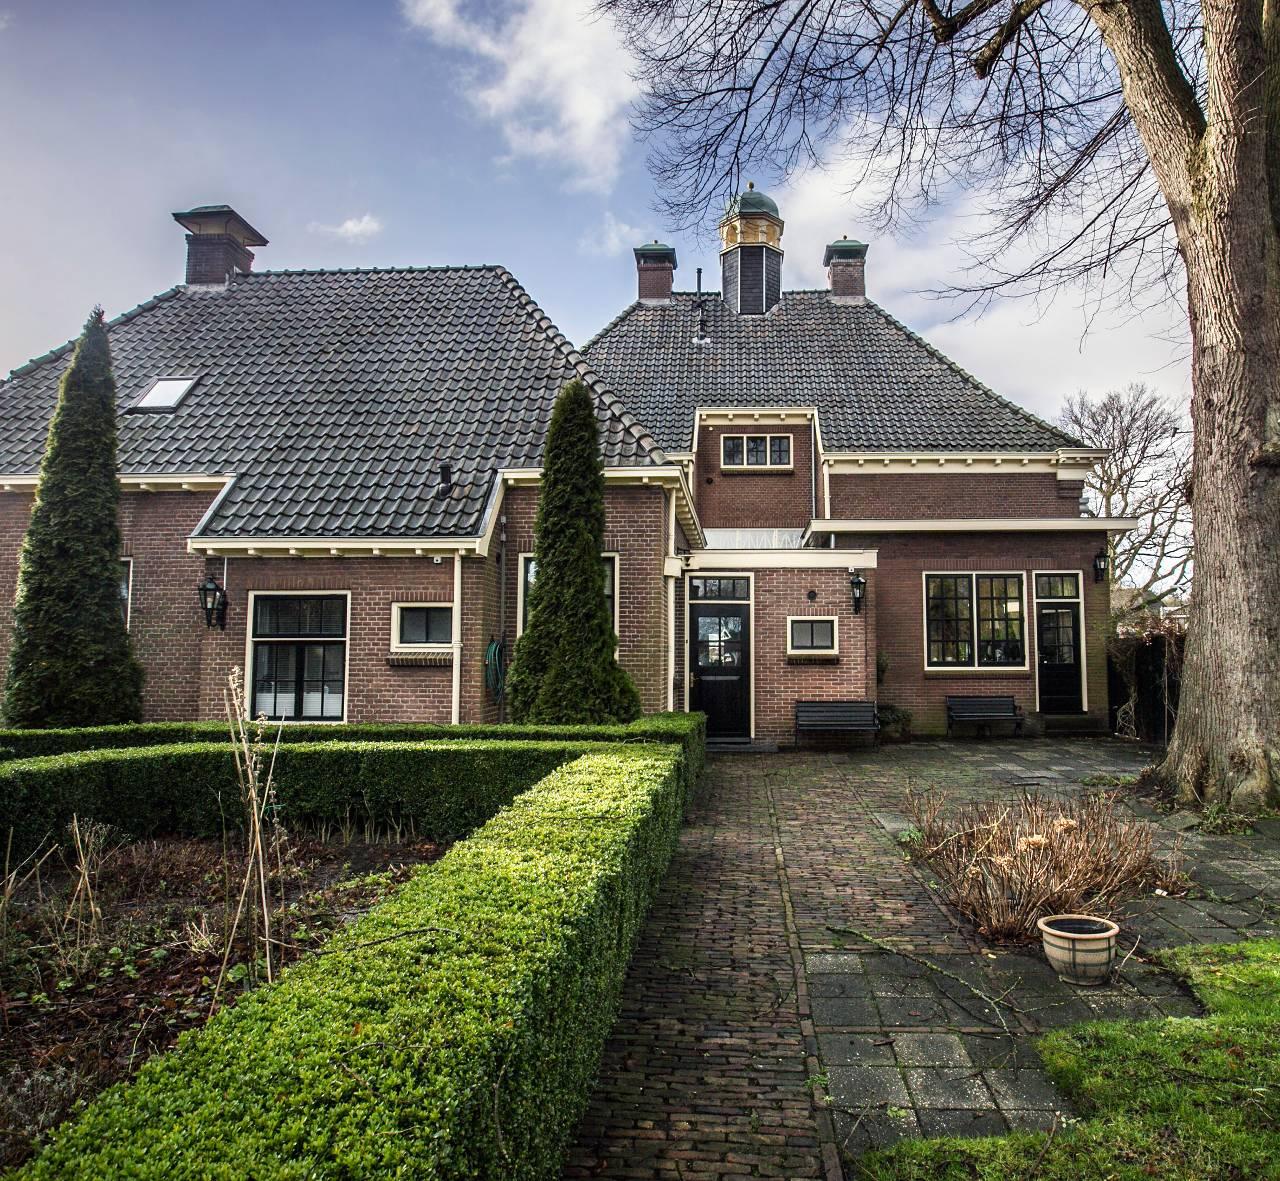 Fotoserie huis te koop het oude gemeentehuis van rolde het financieele dagblad - Zie in het moderne huis ...